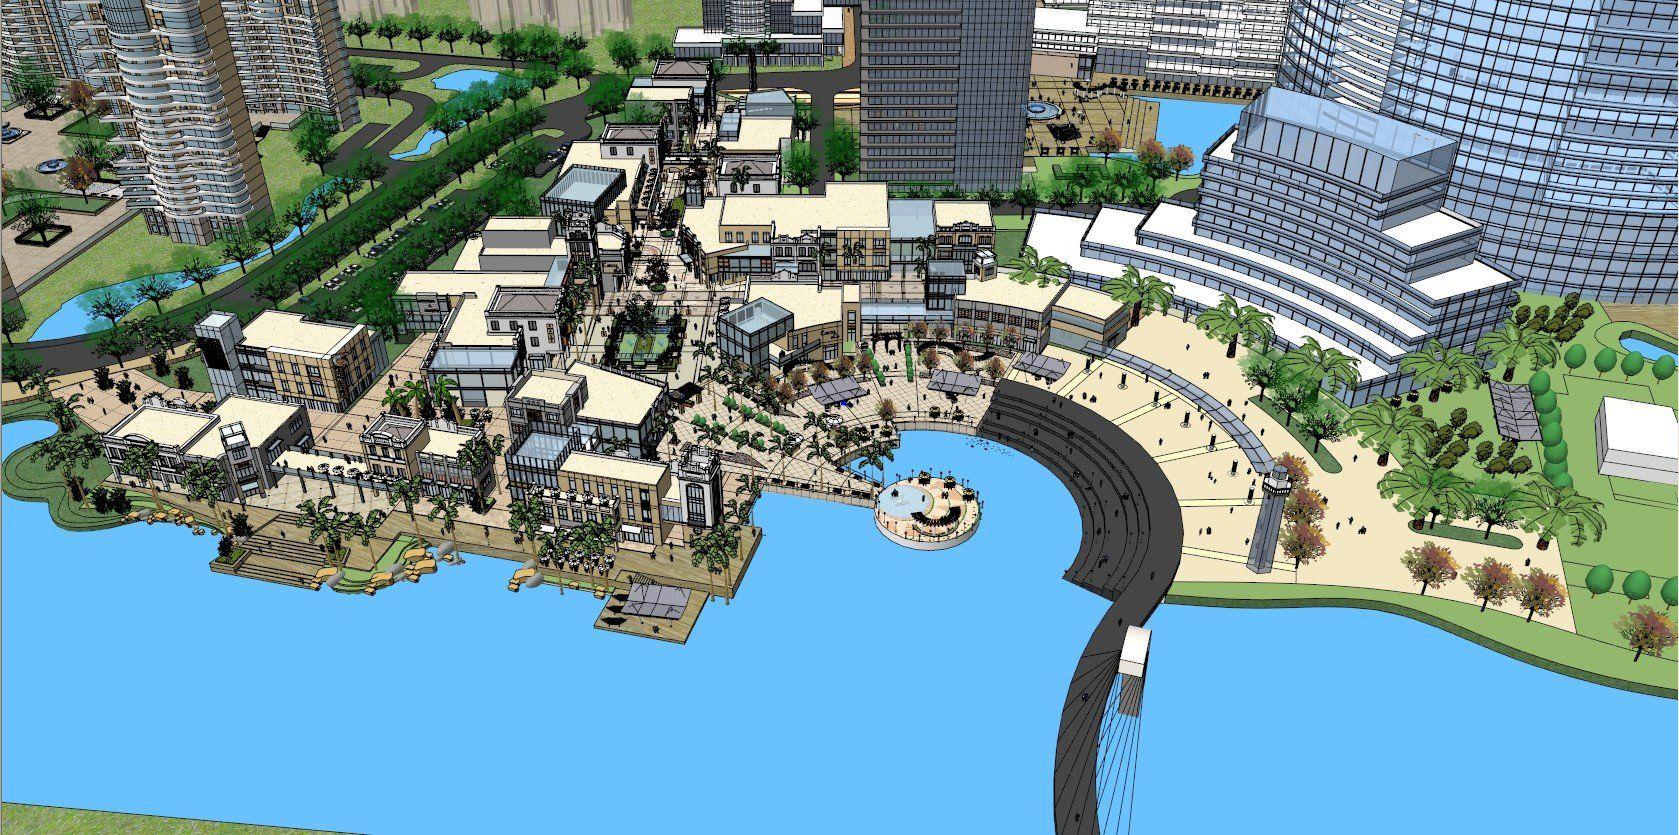 ☆Sketchup 3D Models-Large Scale City Sketchup Models